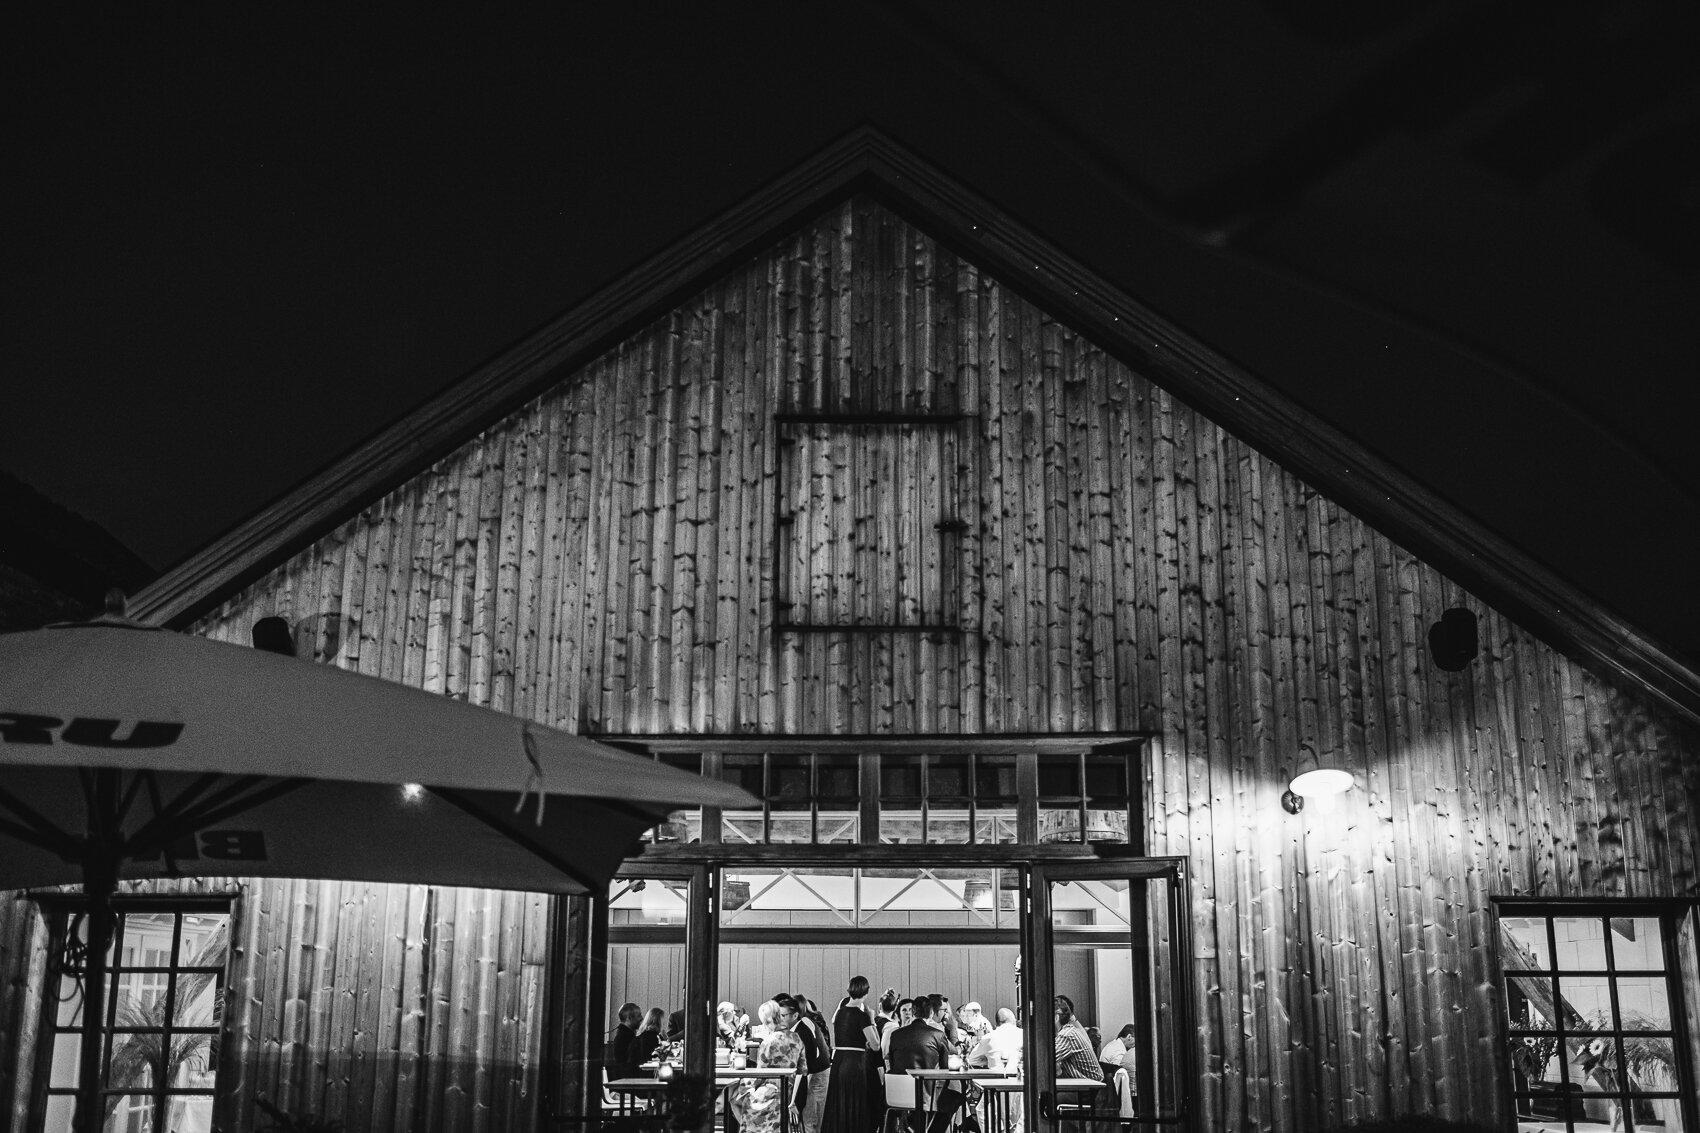 iso800 - huwelijksfotograaf goele kris den eyck kasterlee-8.jpg